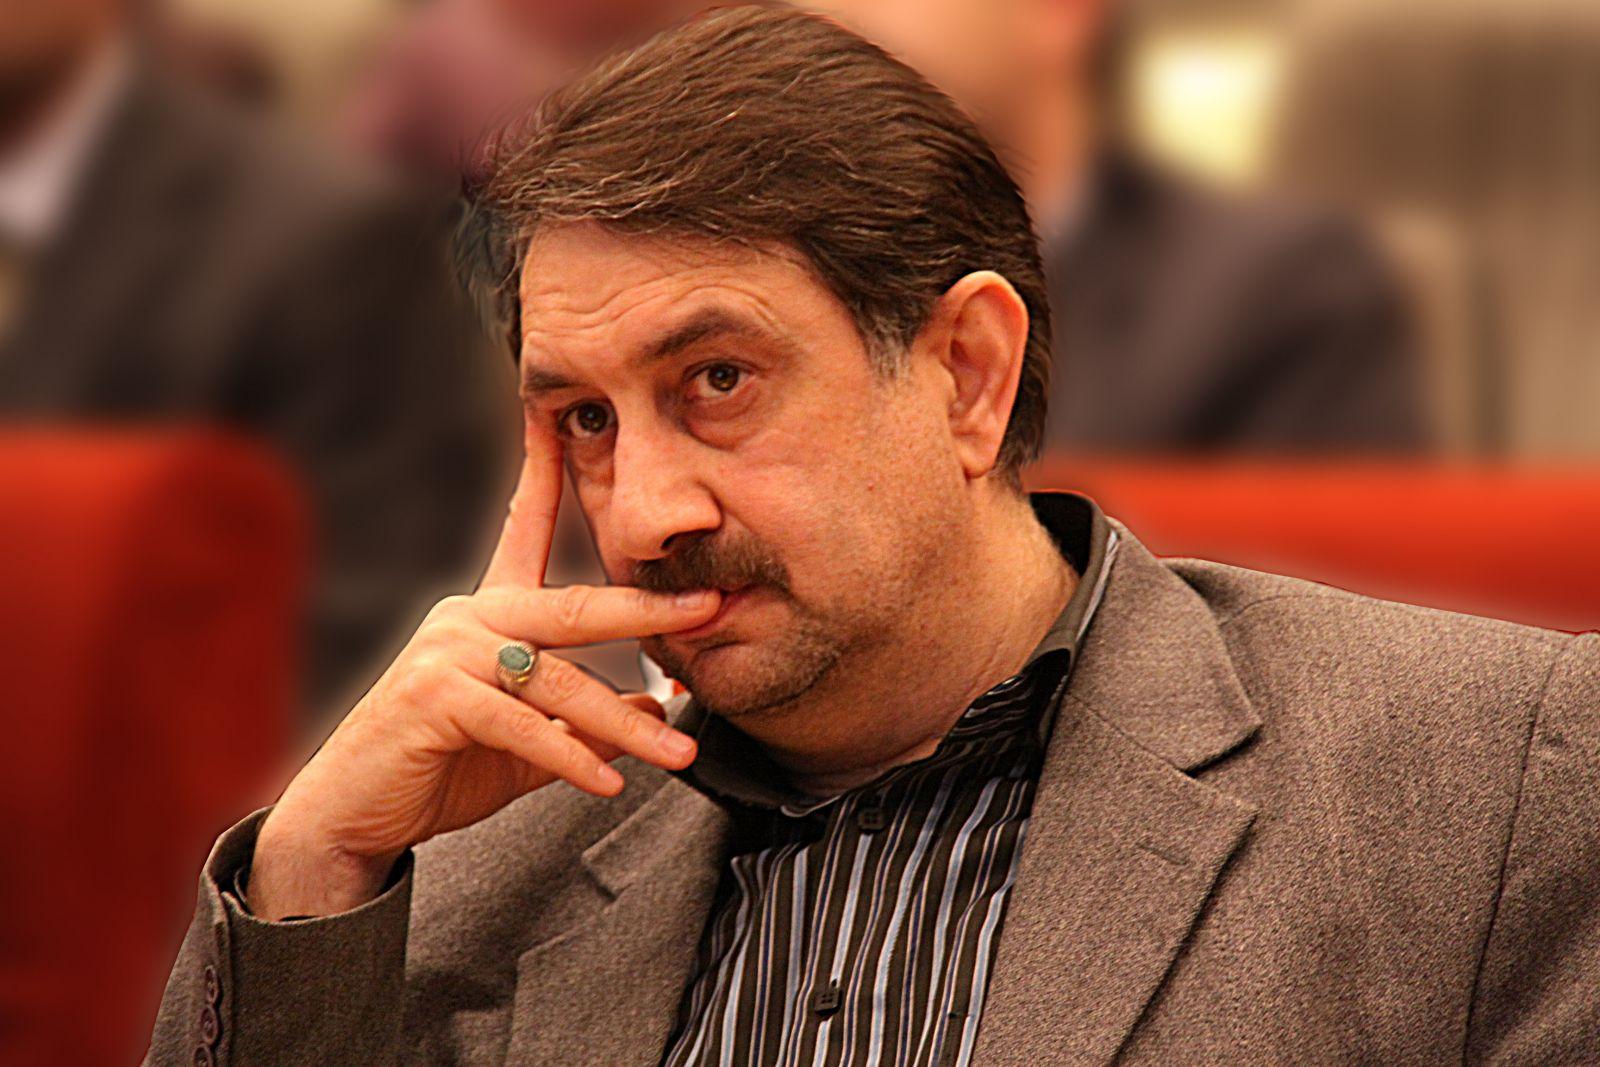 چه کسی بر صندلی محمد فرهادی خواهد نشست/پای یک زن در میان است